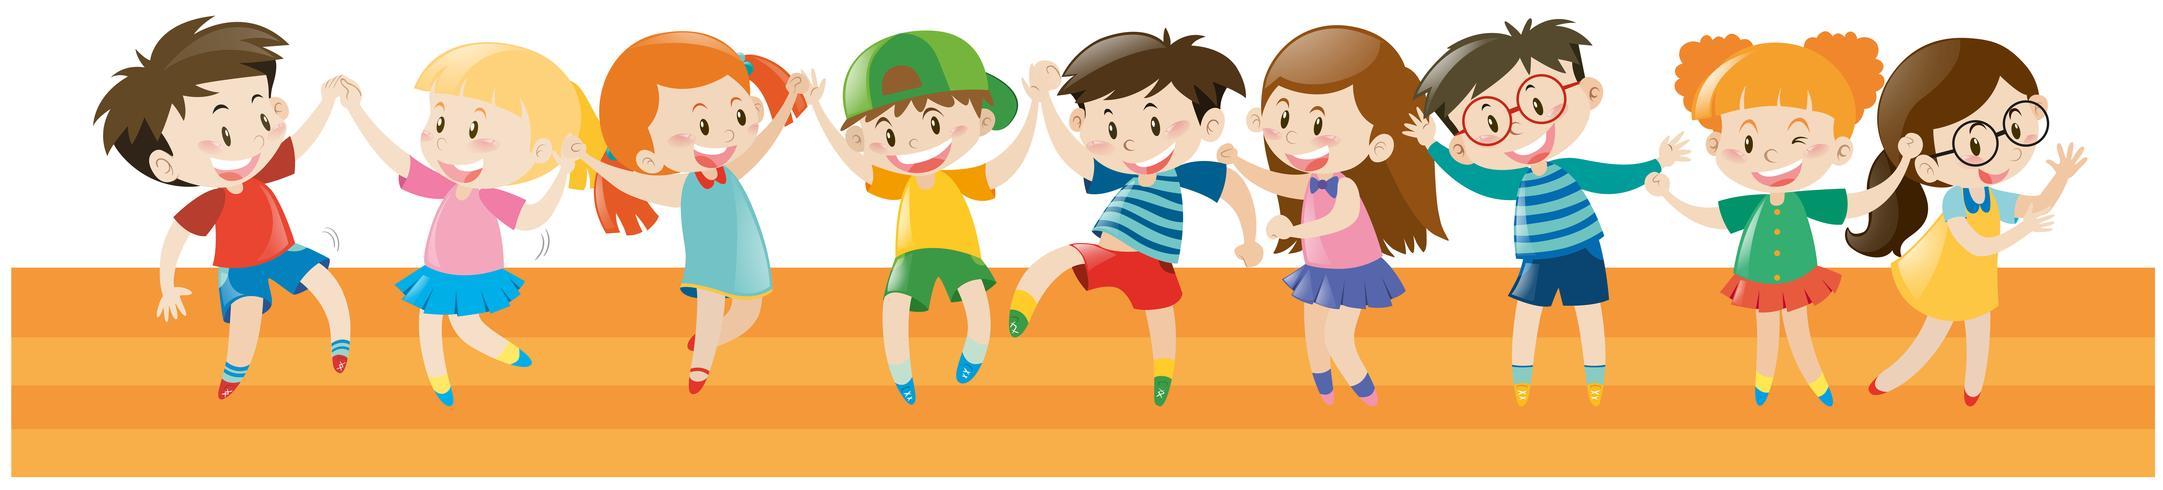 Jungen und Mädchen tanzen zusammen vektor